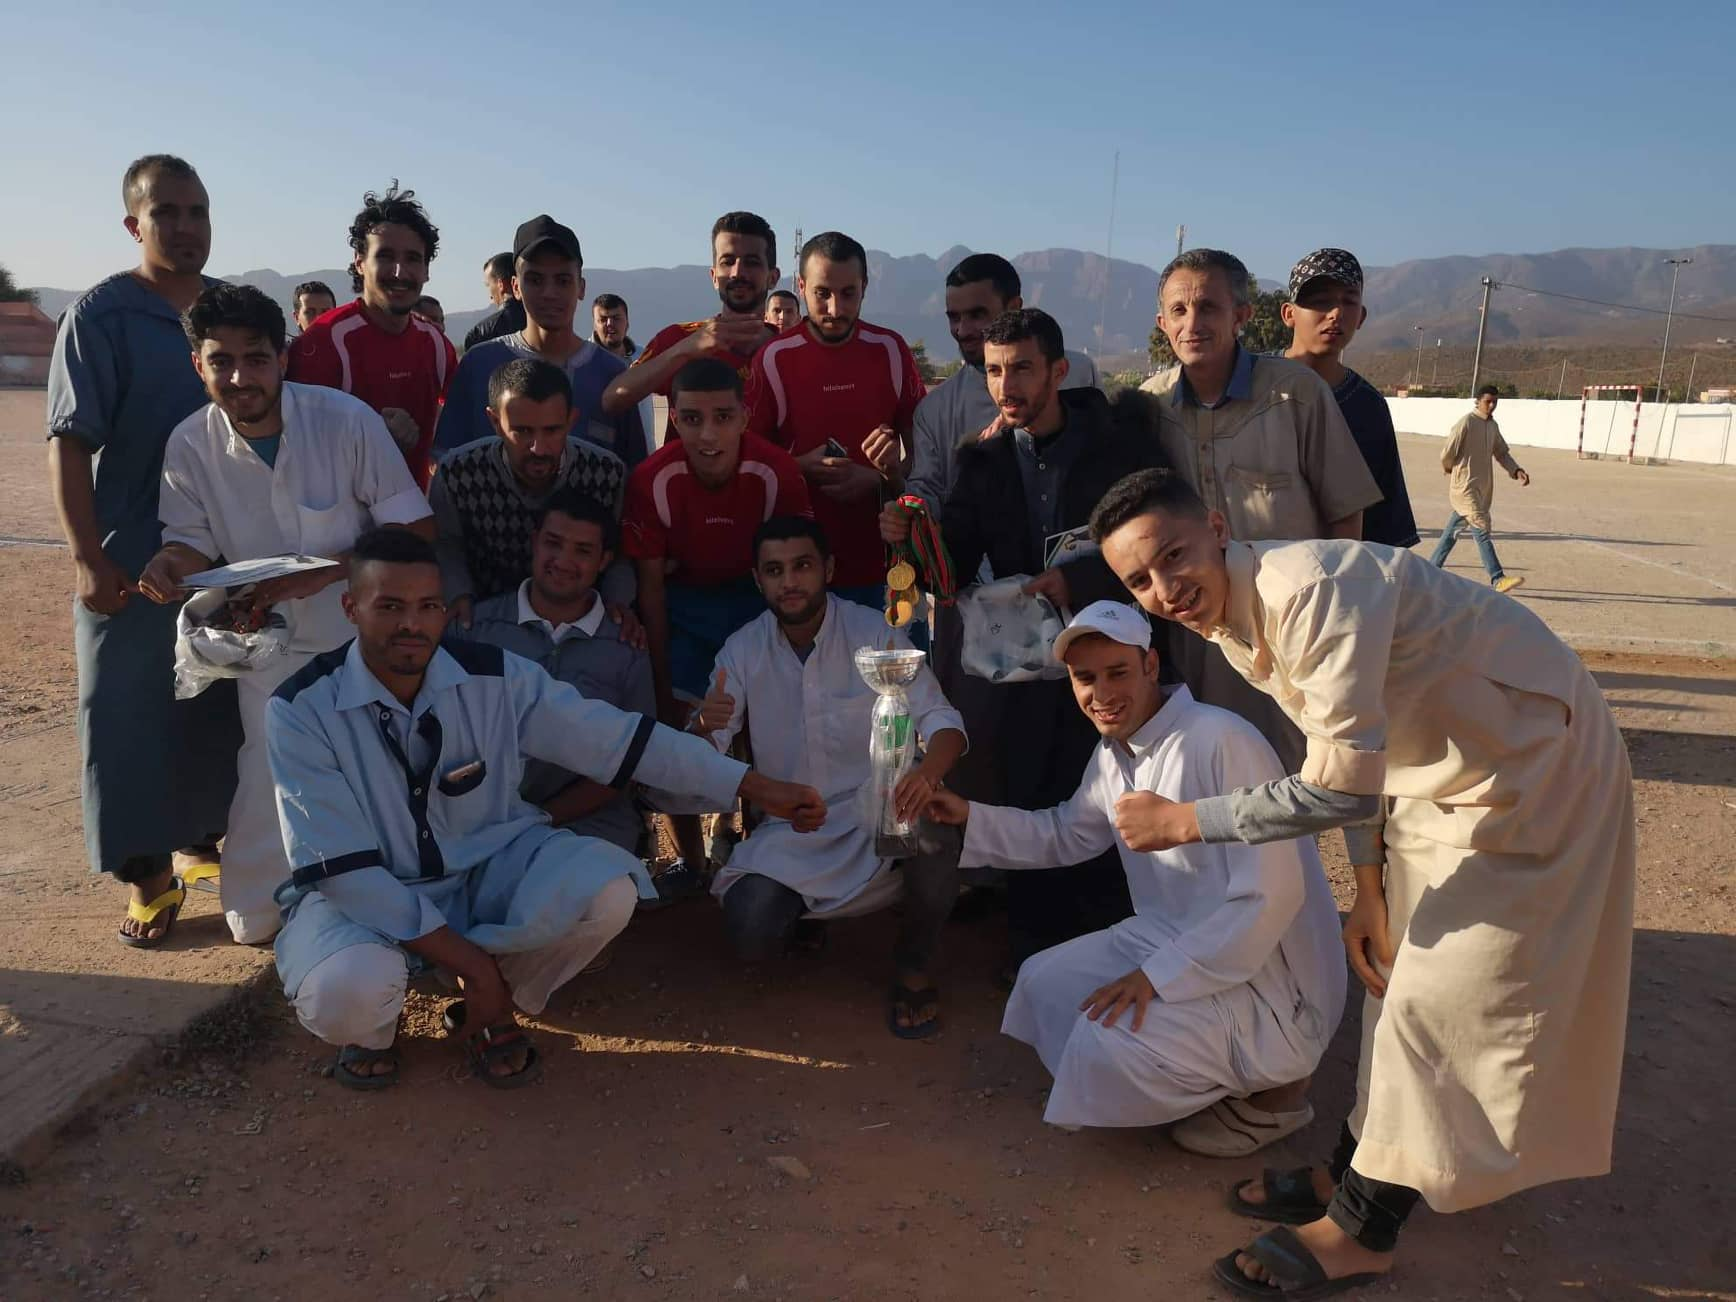 فريق إفراراين بطلاً لدوري رمضان بأنزي